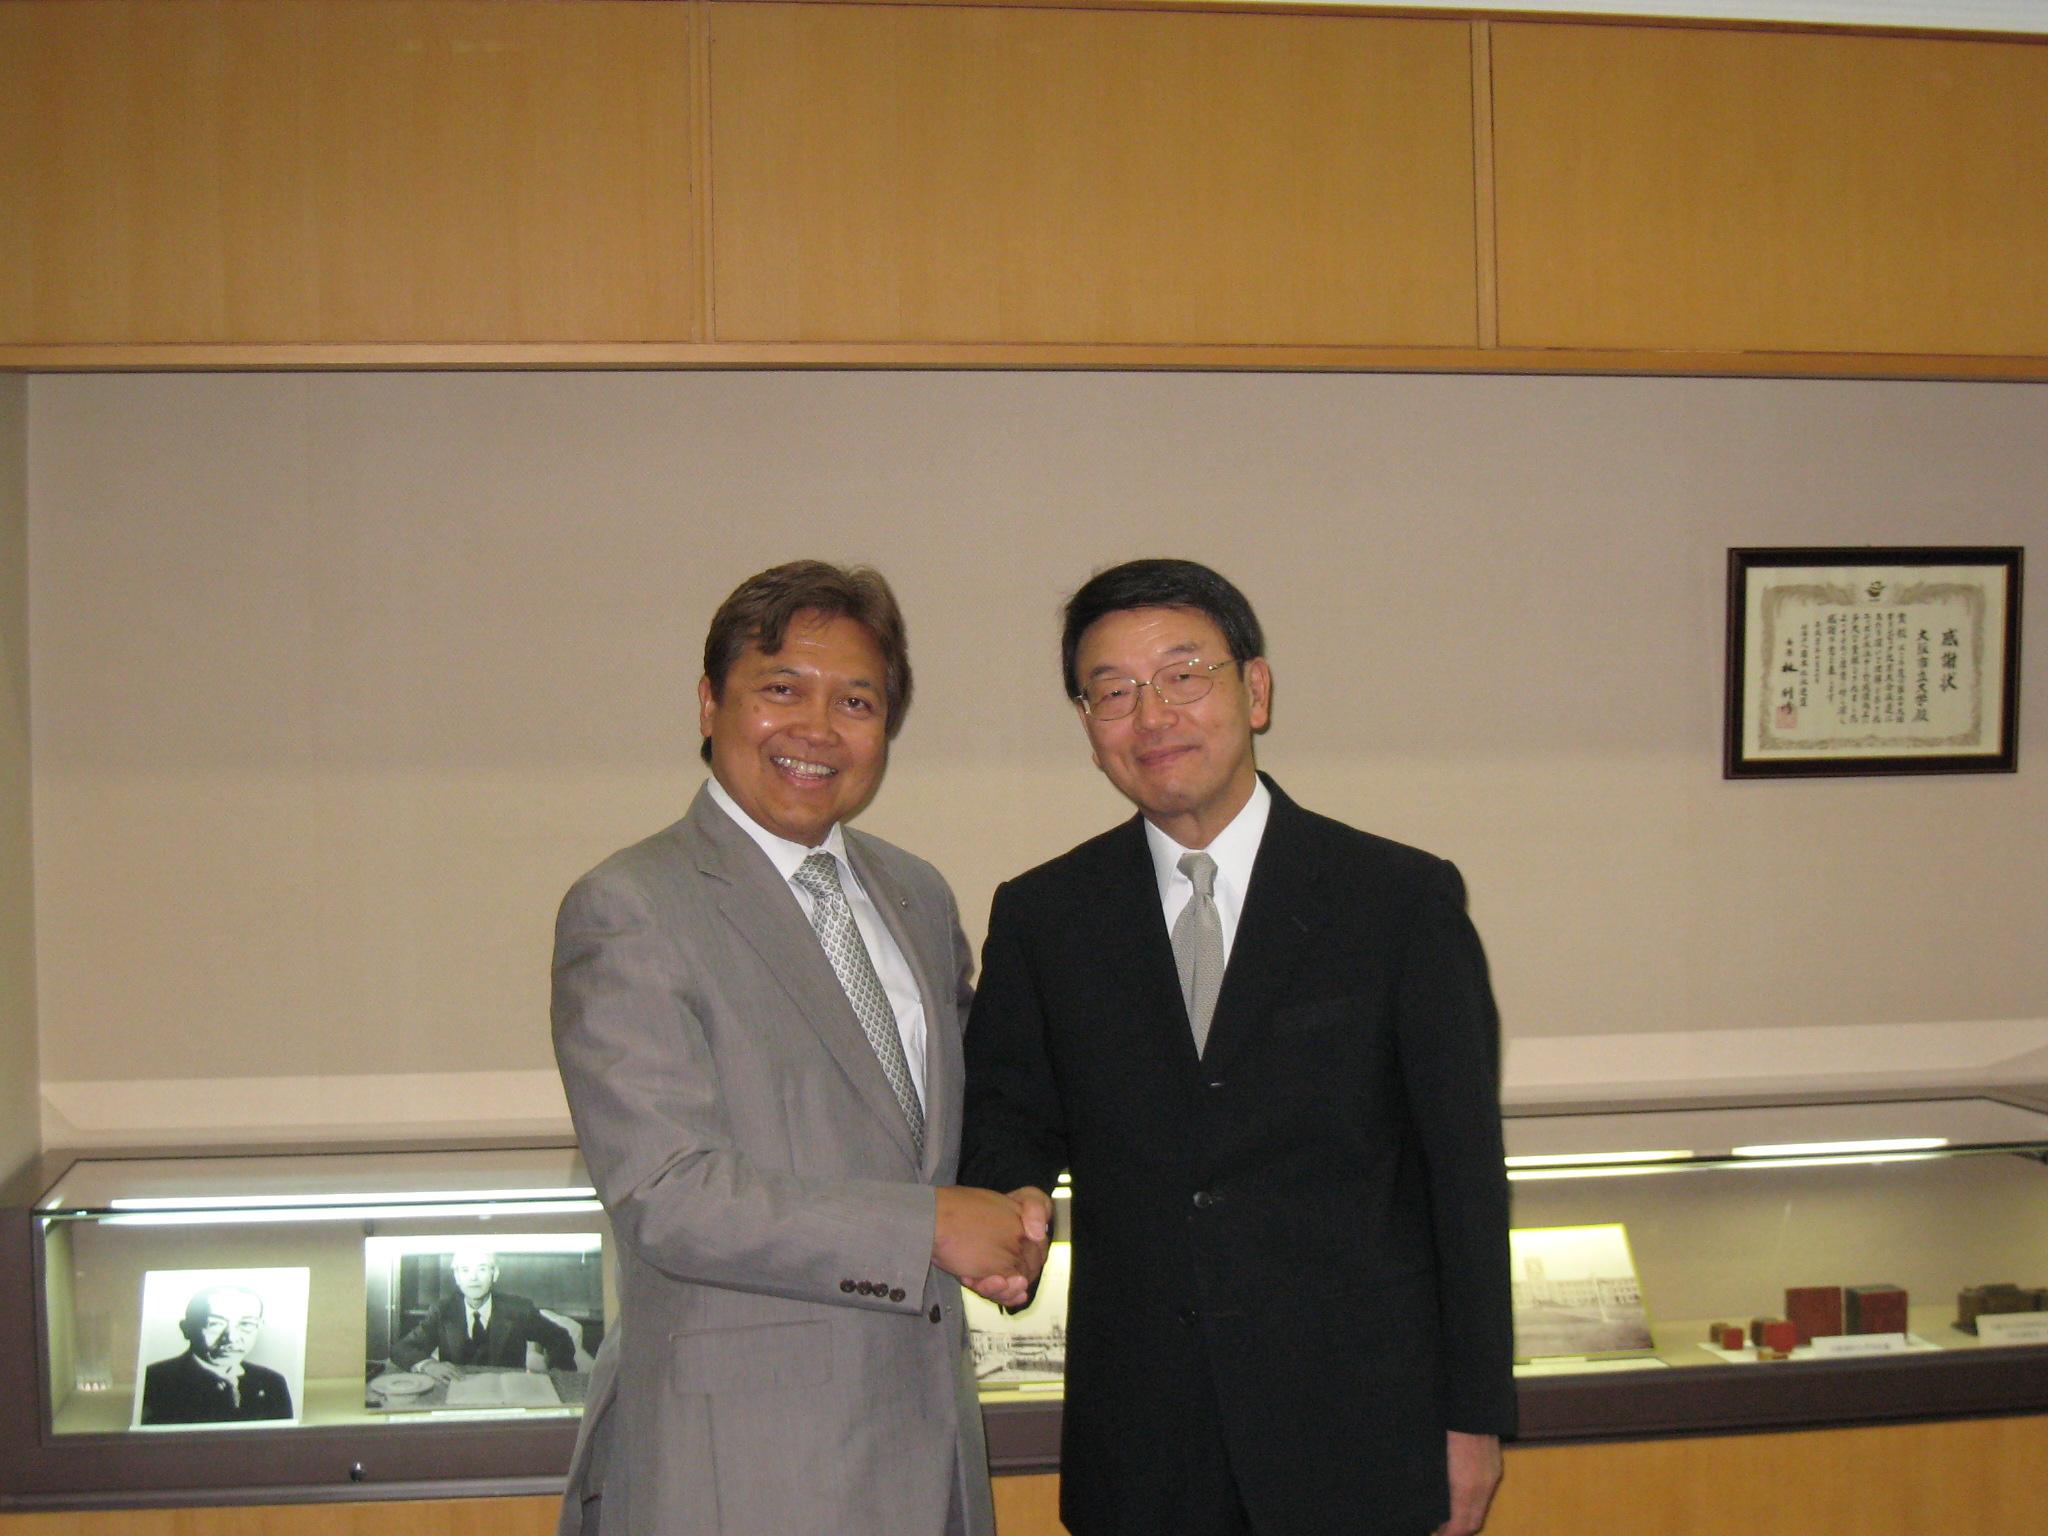 宮野副学長(左)、フォーゲルザング教授(右)